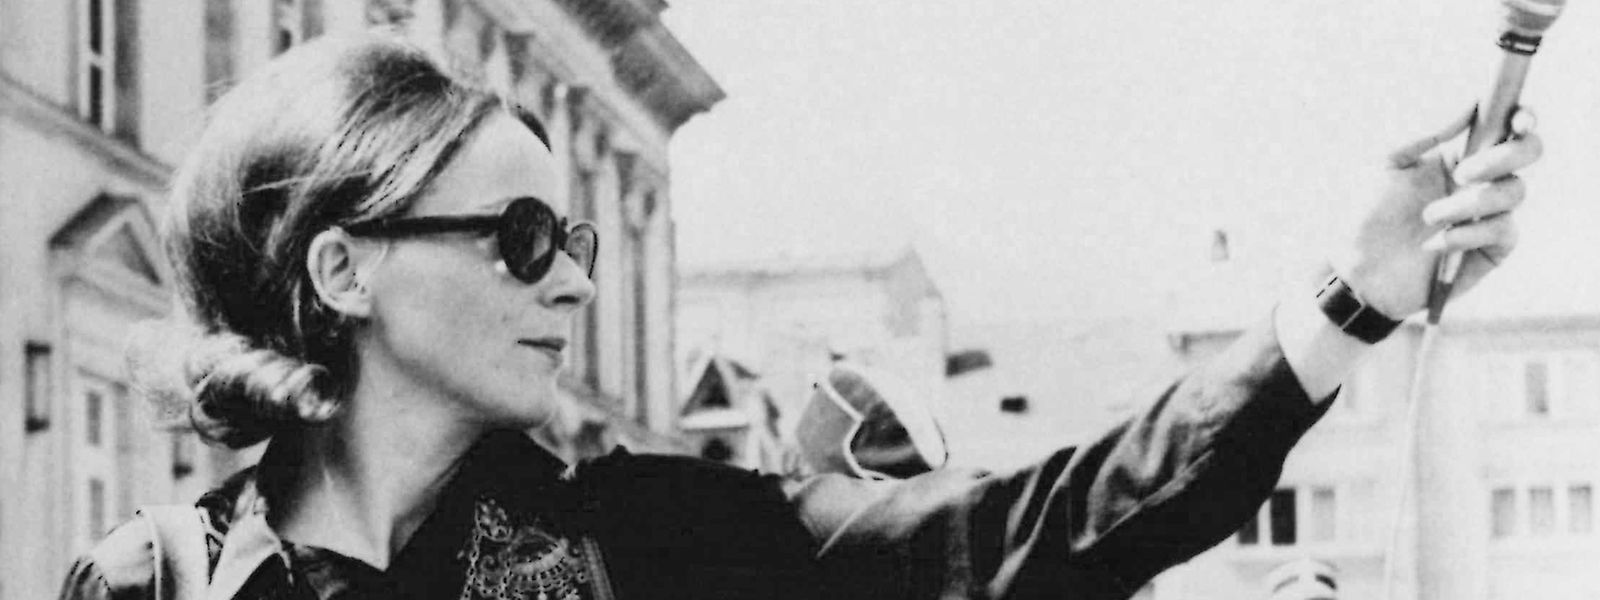 Tilly Jung (*1941) est la première femme journaliste à entrer à la radio luxembourgeoise en 1968.